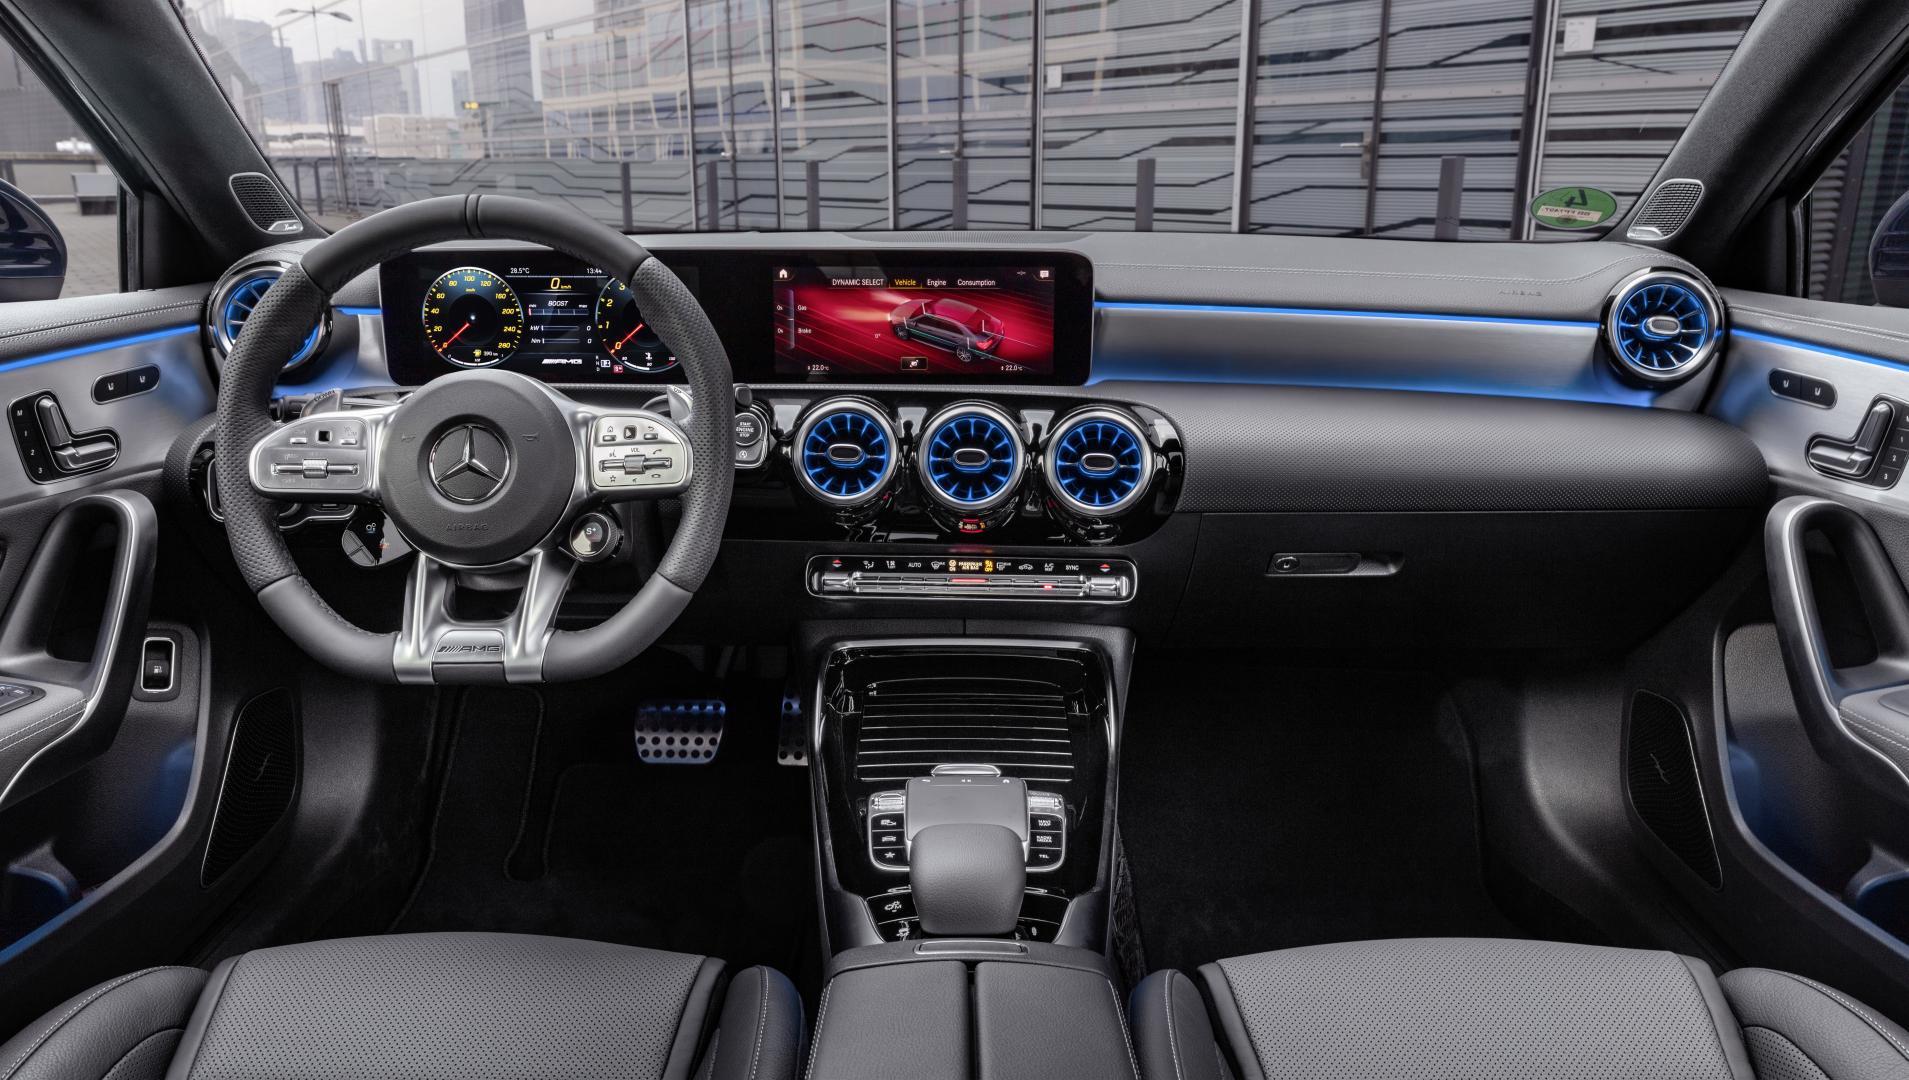 Mercedes-AMG A 35 2019 interieur dashboard